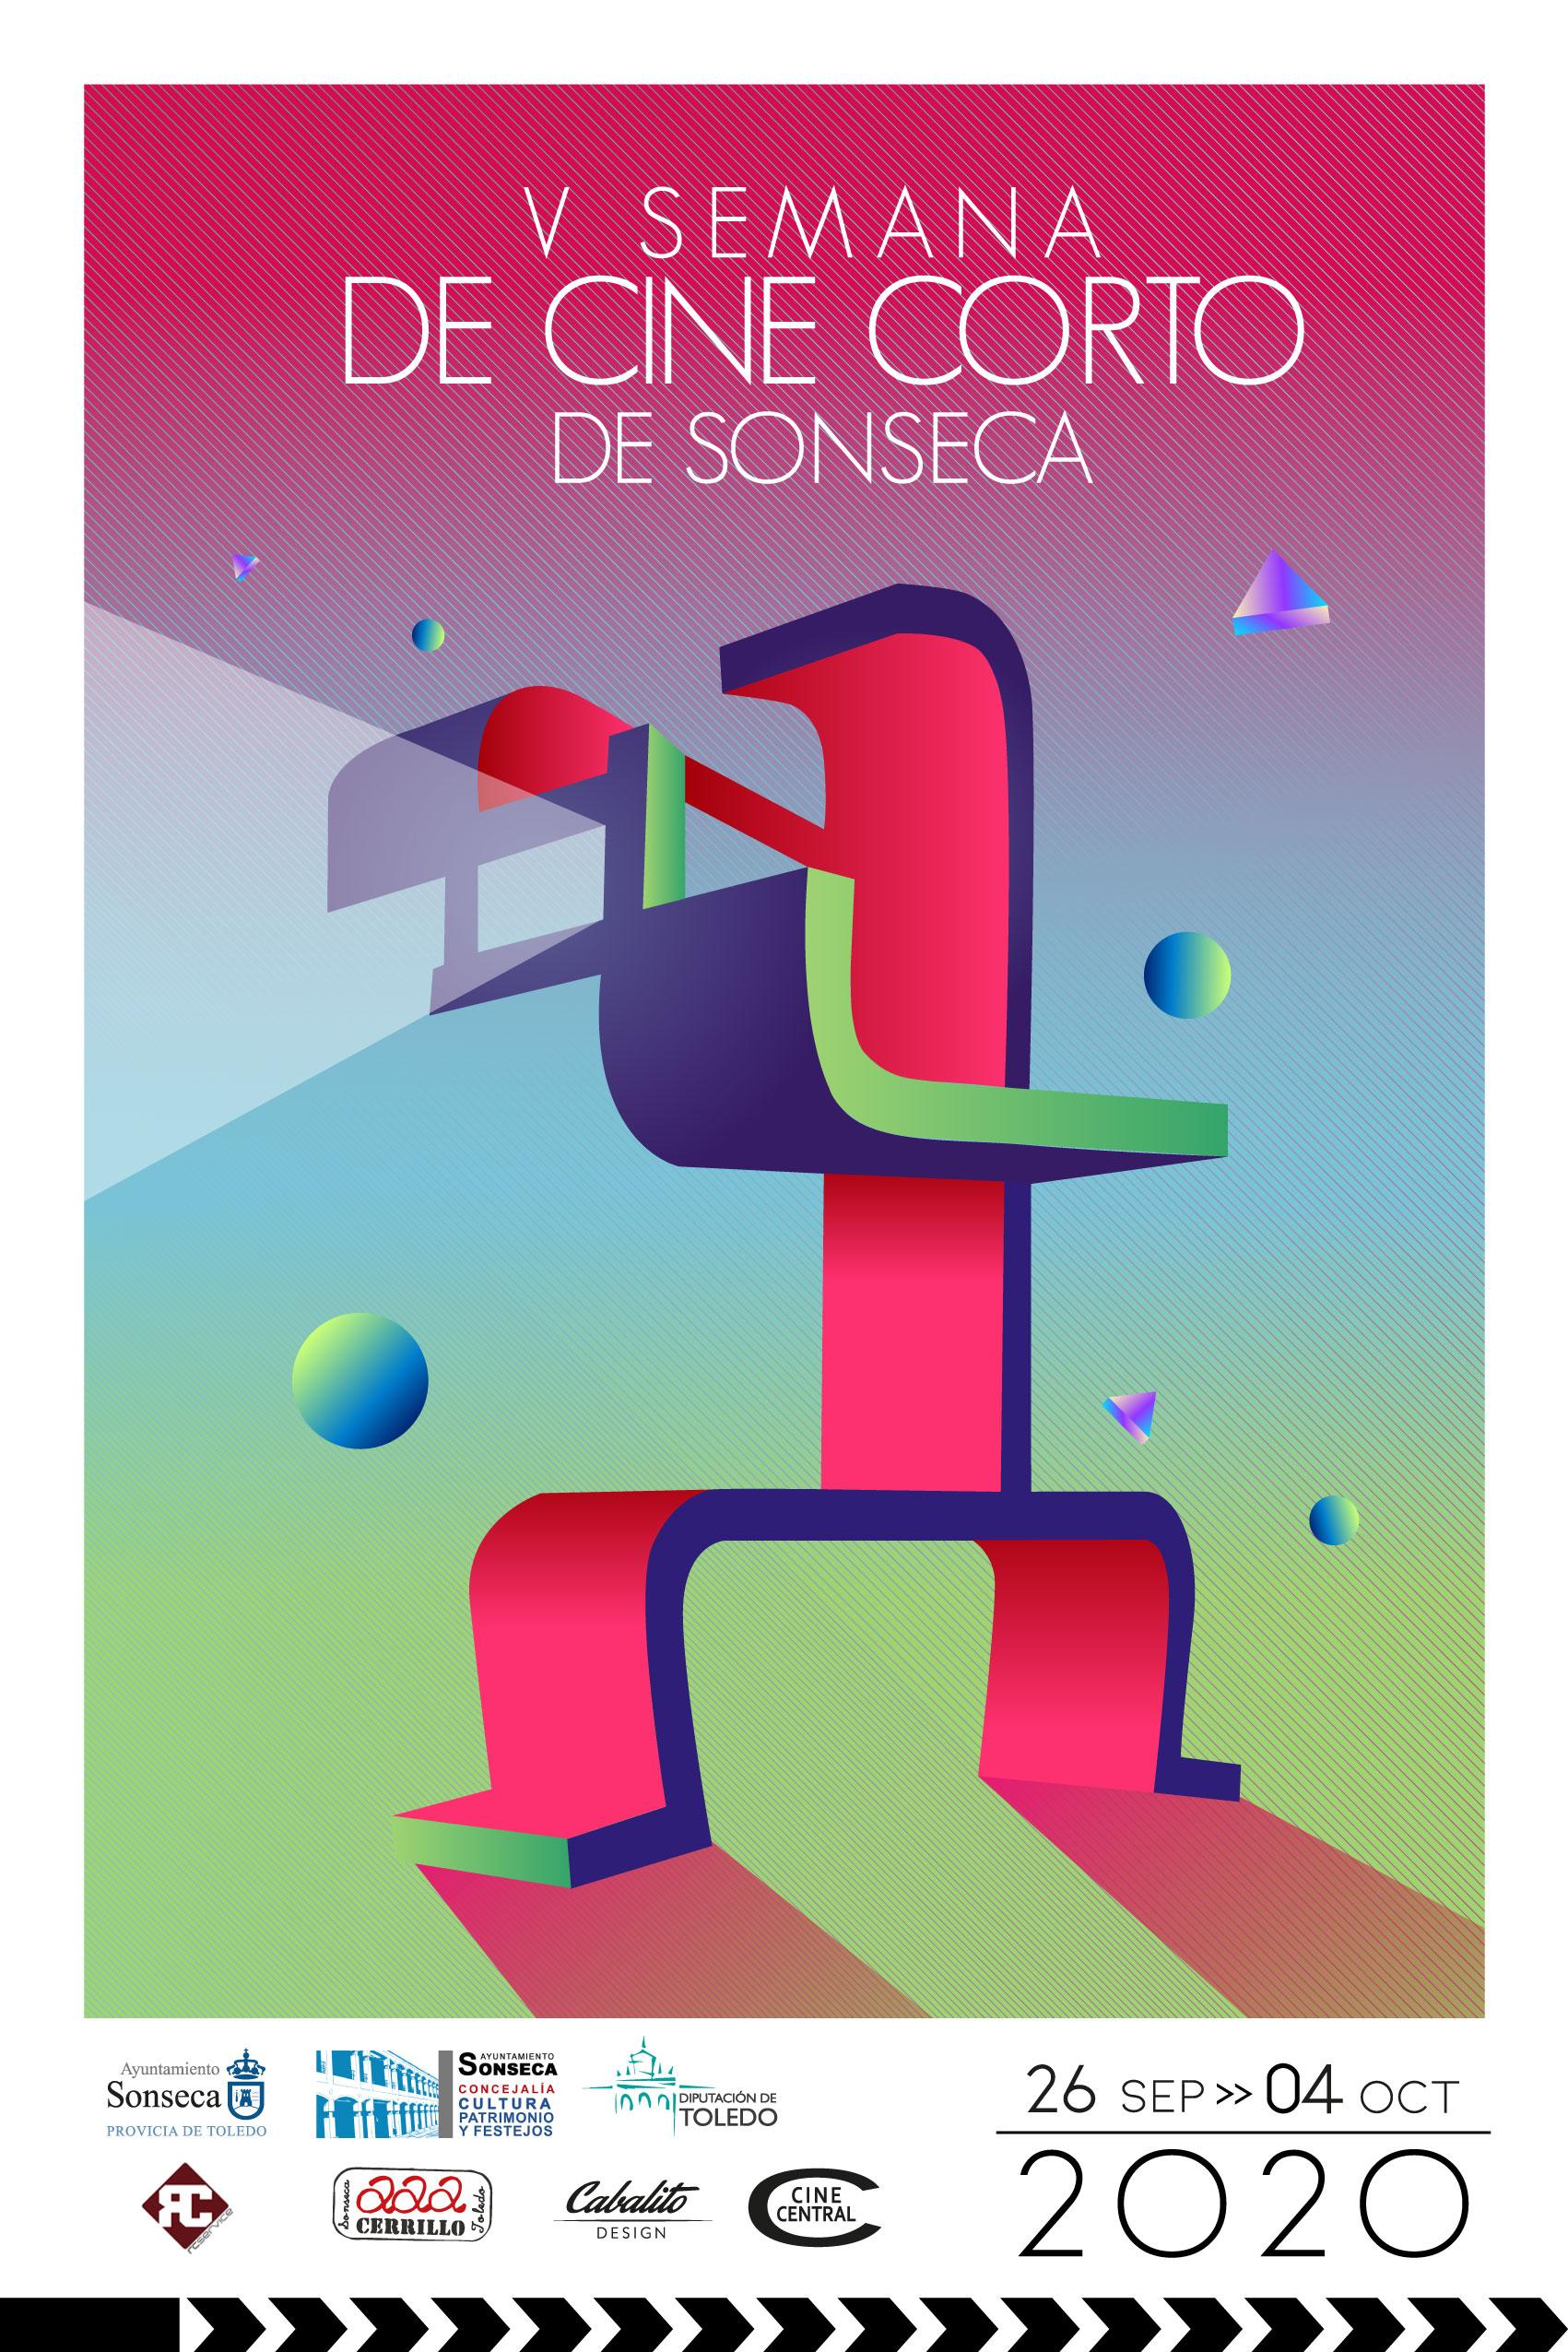 V SEMANA DE CINE CORTO DE SONSECA